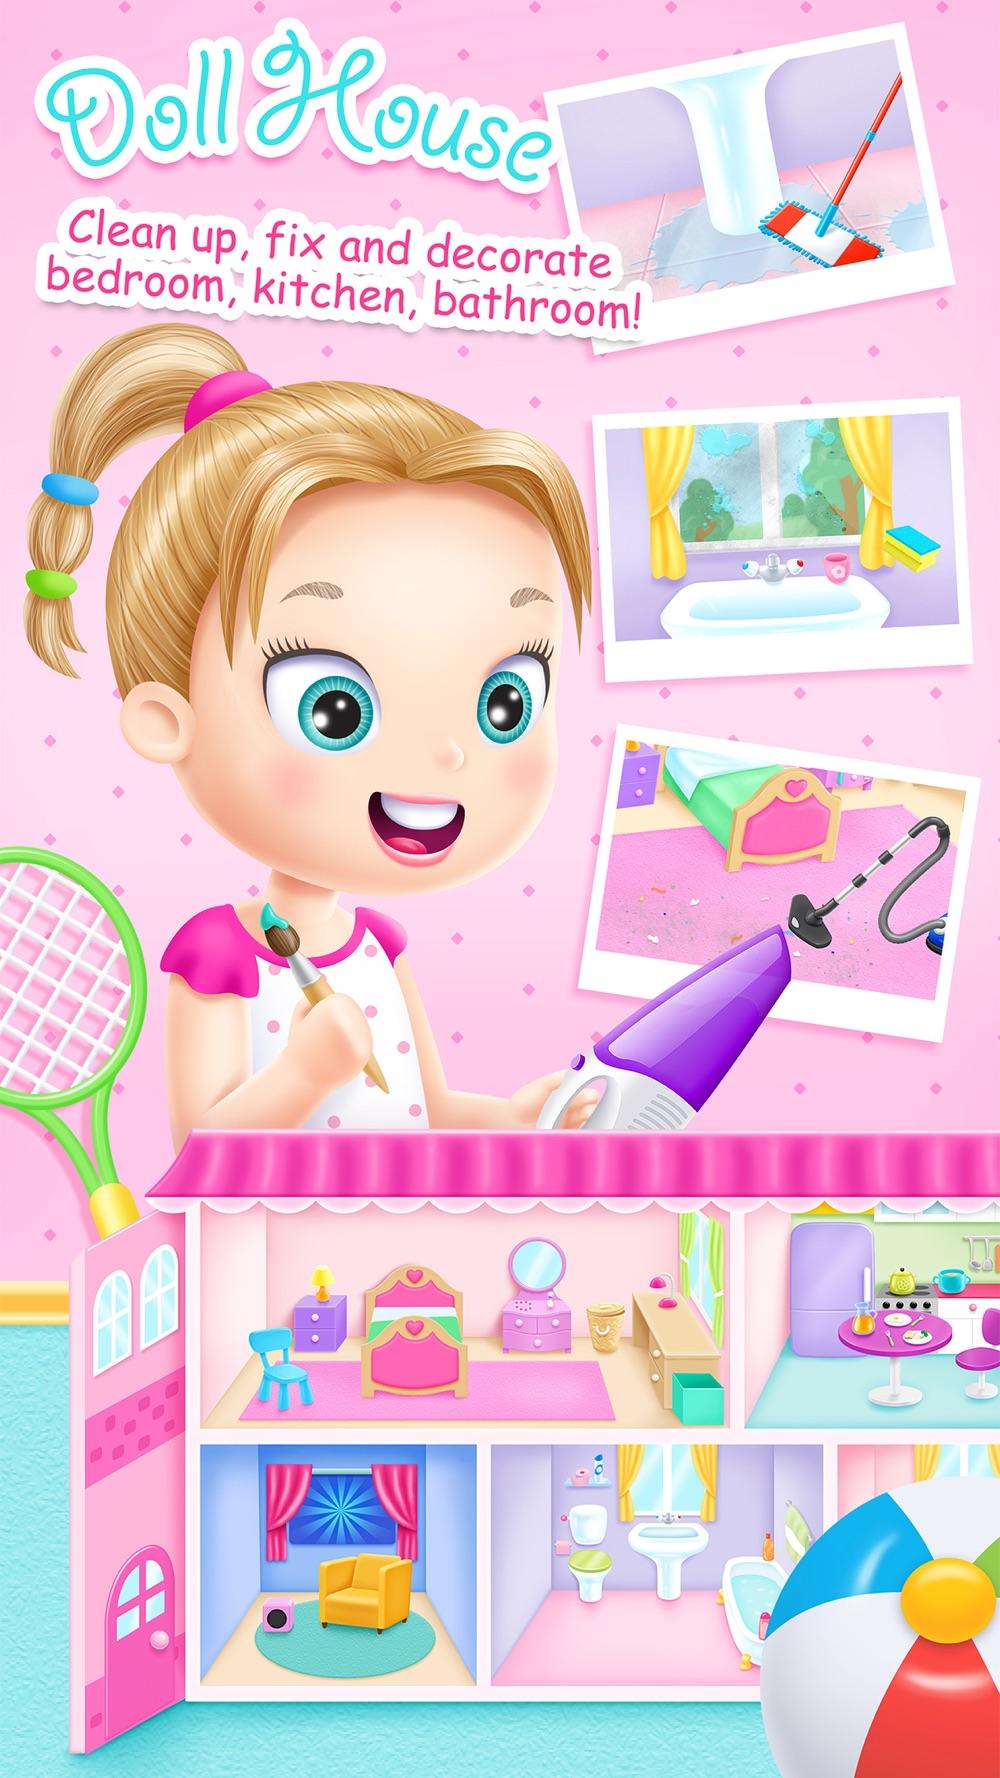 Doll House Cleanup & Decoration – Bedroom, Kitchen & Bath Designer